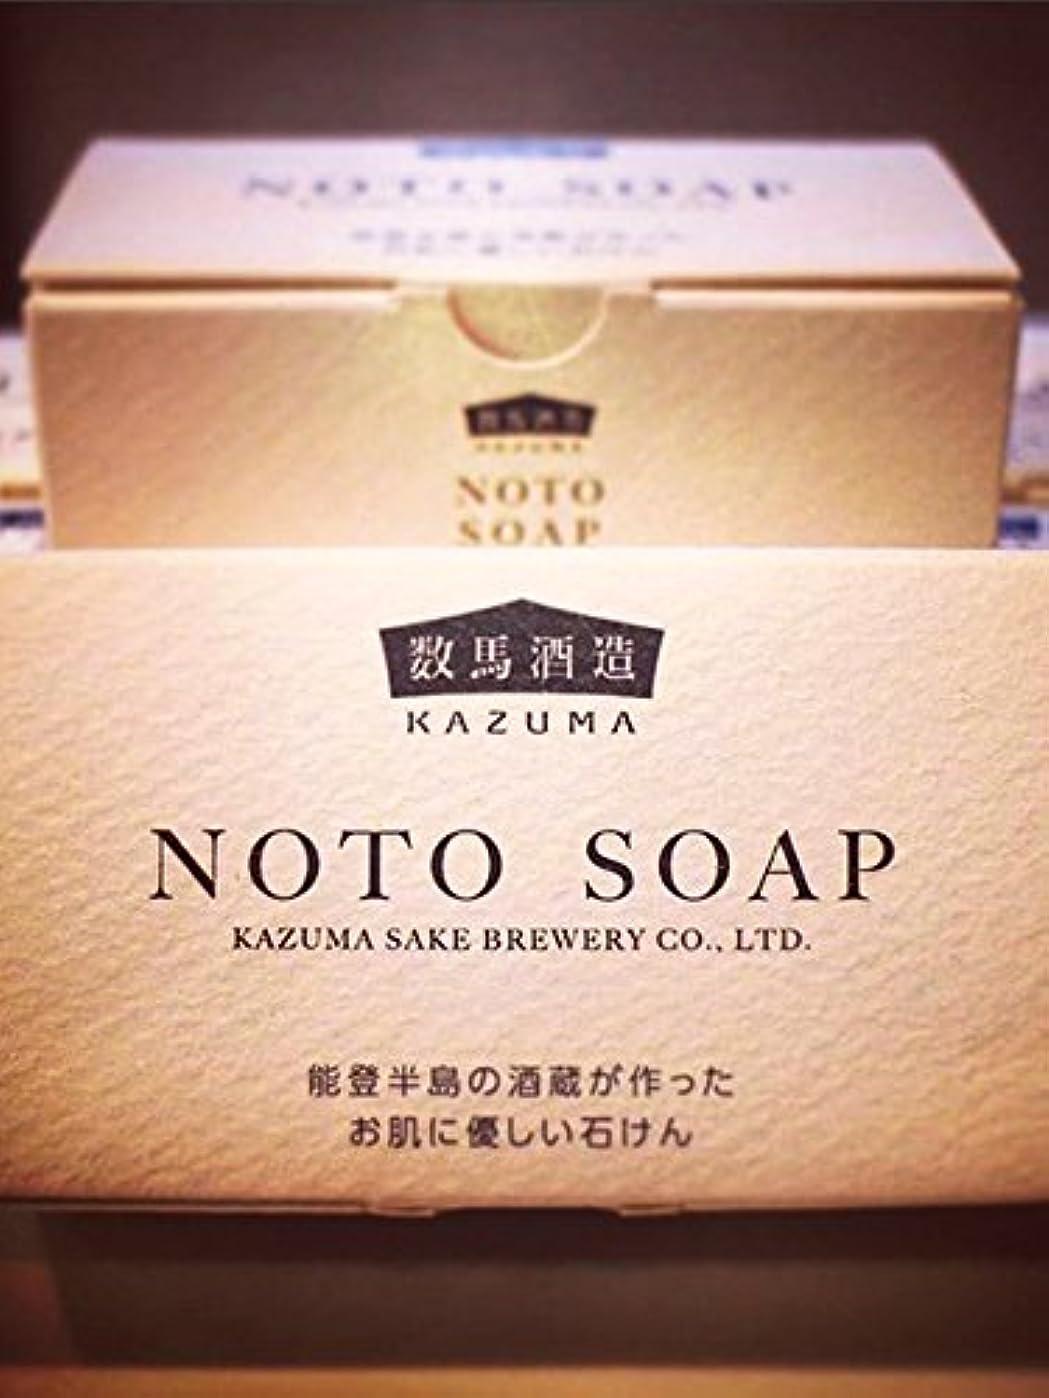 栄養祖父母を訪問露竹葉 NOTO SOAP 酒粕石鹸 1個80g